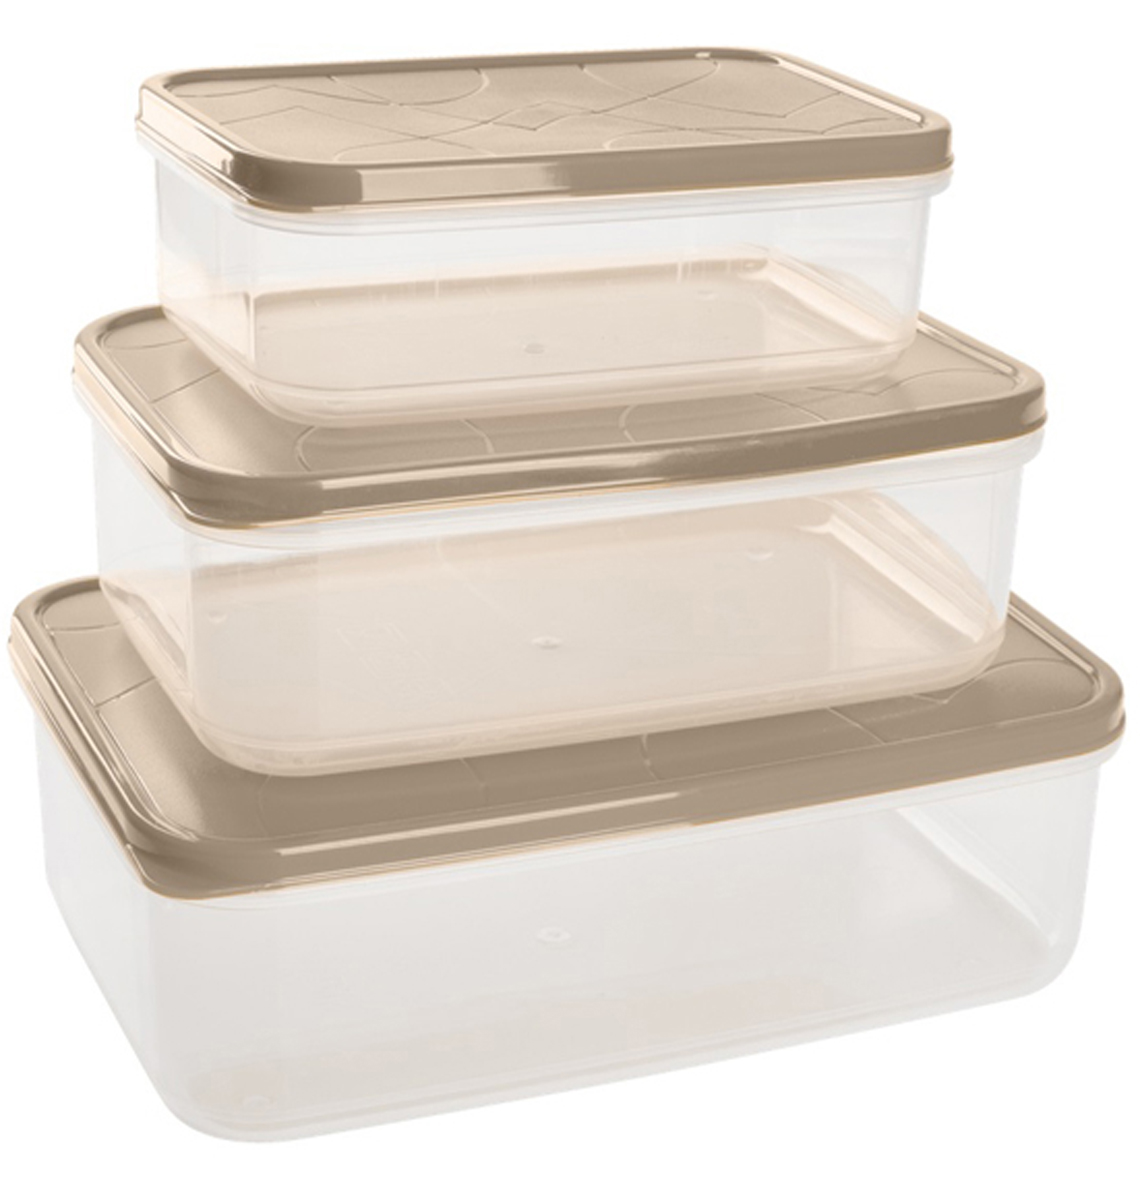 Набор контейнеров для продуктов Giaretti Vitamino, прямоугольные, цвет: микс зима, 0,5 л + 1 л + 1,5 лGR1856МИКС-ЗМПоложить в холодильник остатки еды, взять с собой обед в дорогу, заморозить овощи на зиму – все это можно сделать с контейнерами Vitamino. Контейнеры можно использовать для заморозки и хранения продуктов. Подходят для микроволновой печи. А благодаря плотной полиэтиленовой крышке еда дольше сохраняет свою свежесть. Контейнеры вкладываются друг в друга по принципу матрешки экономя пространство при хранении.